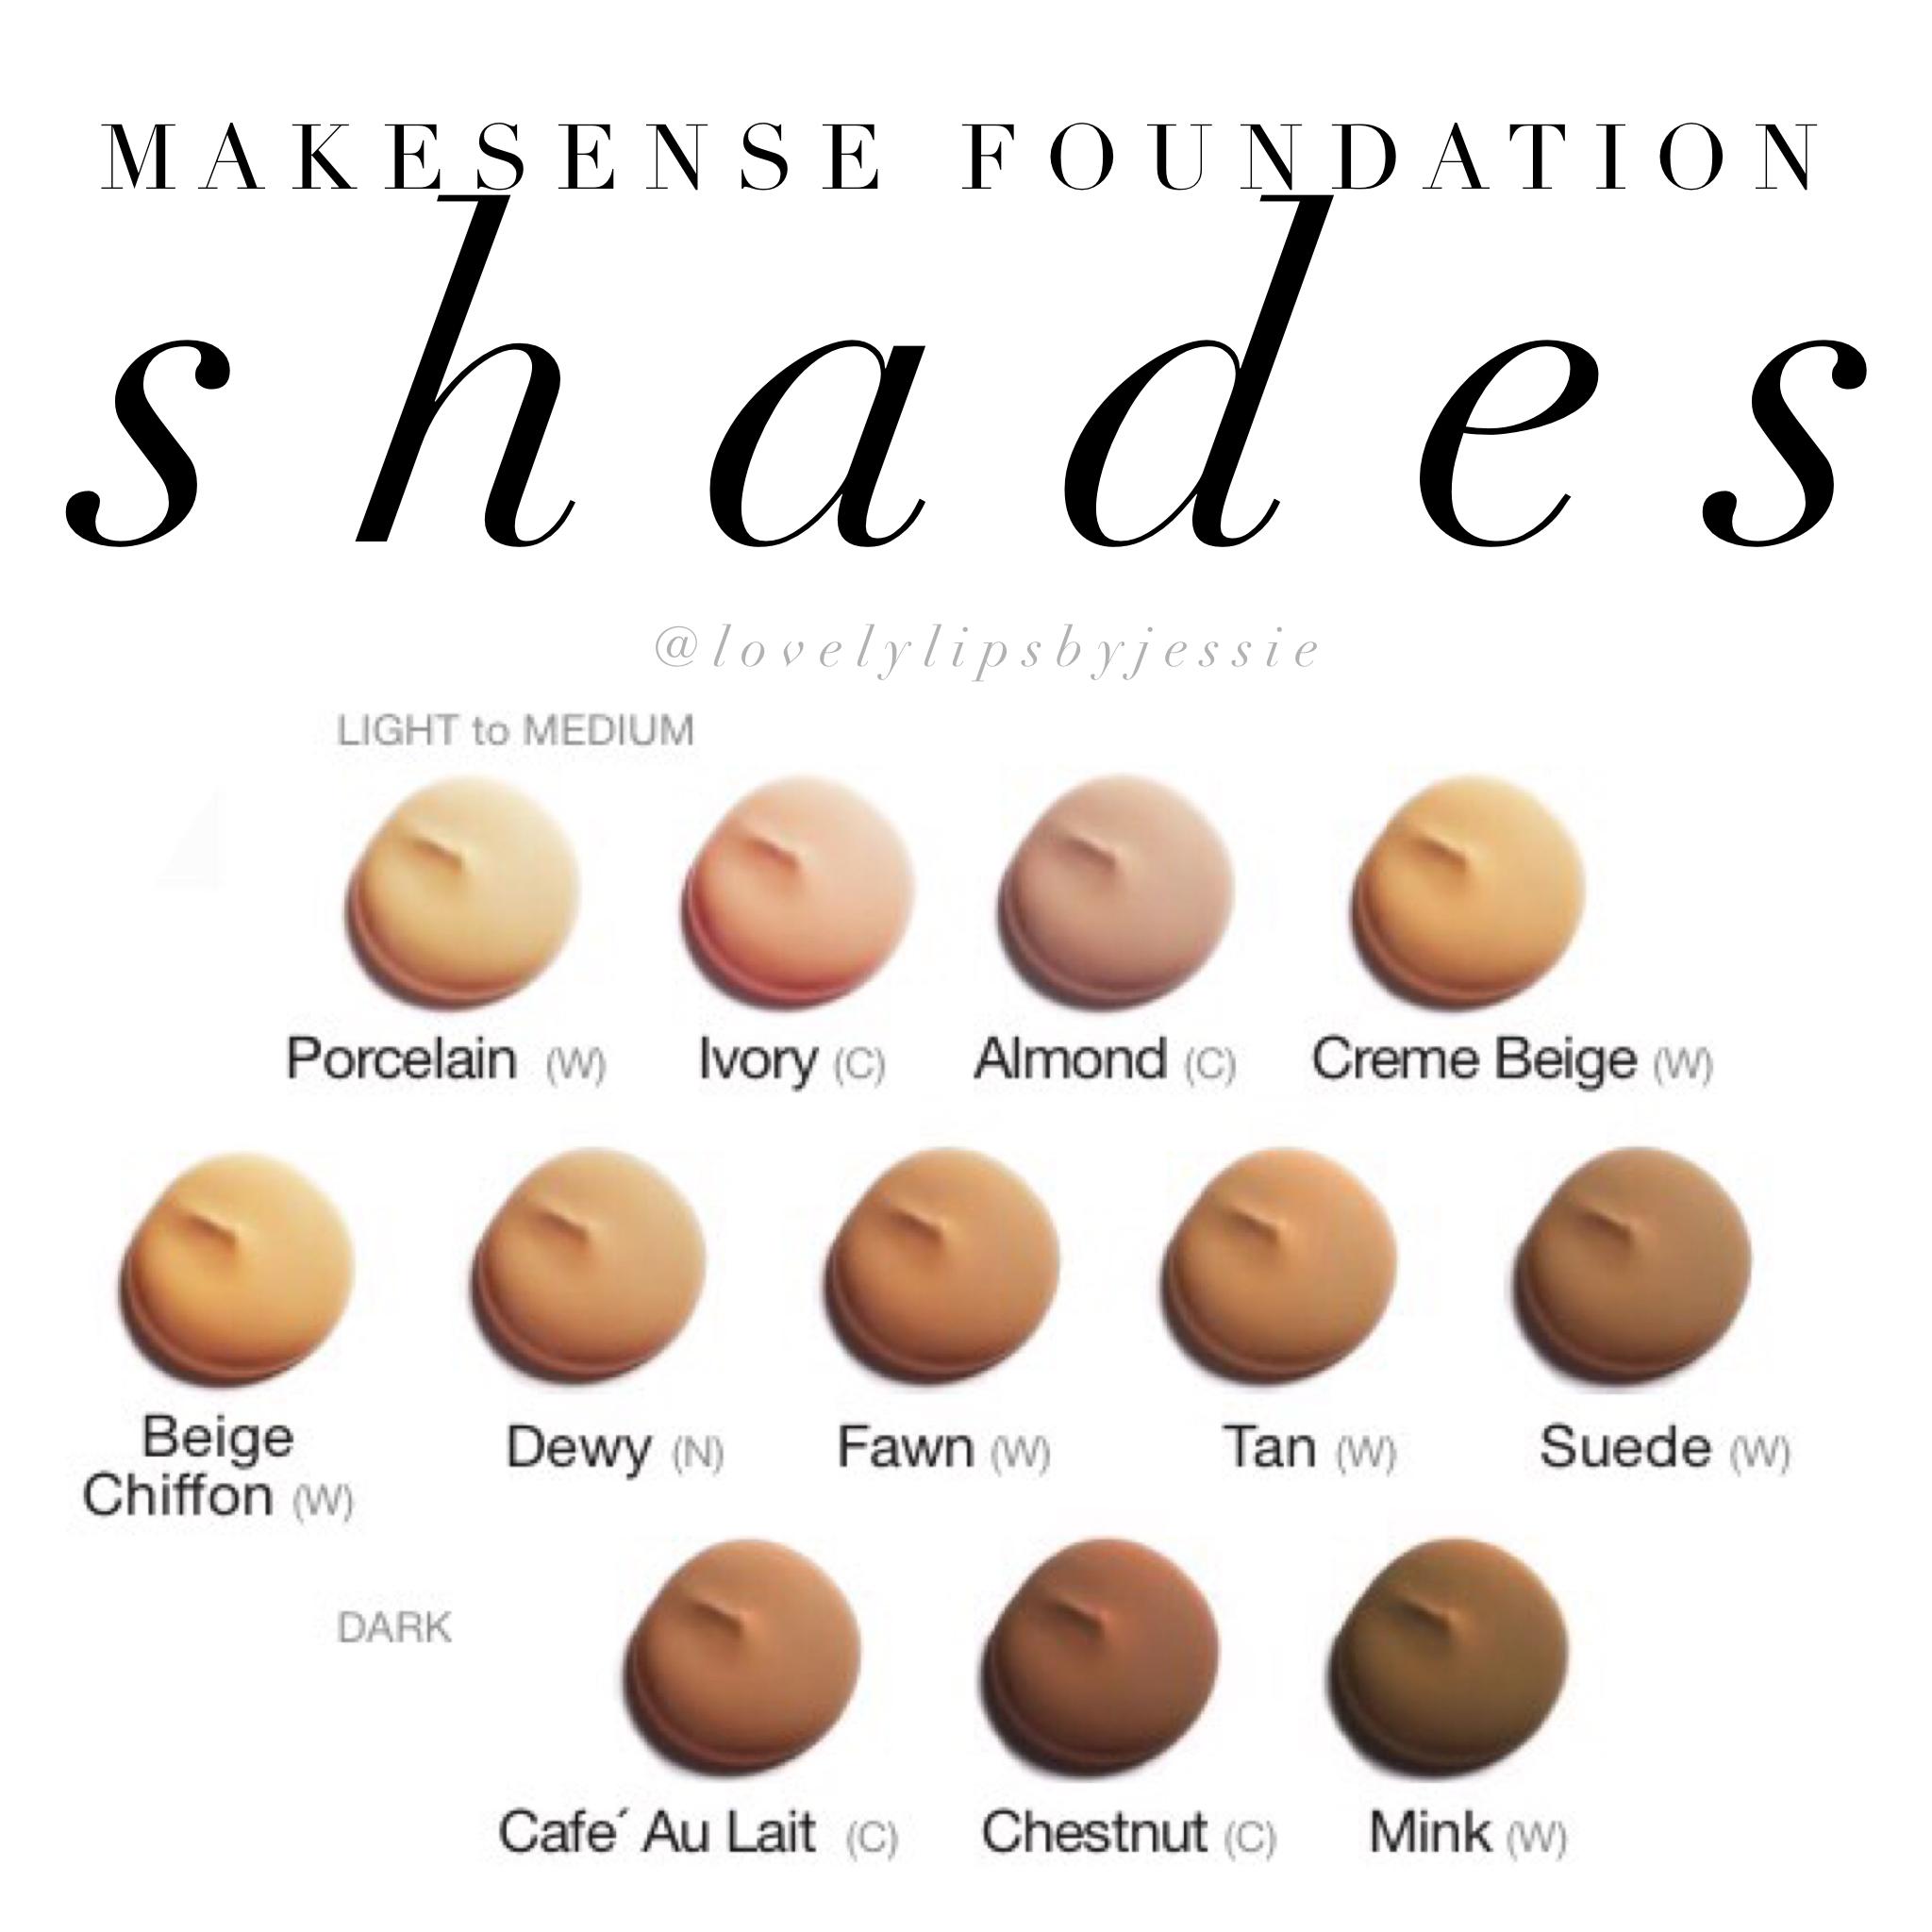 Foundation Shades Foundation shades, Makesense